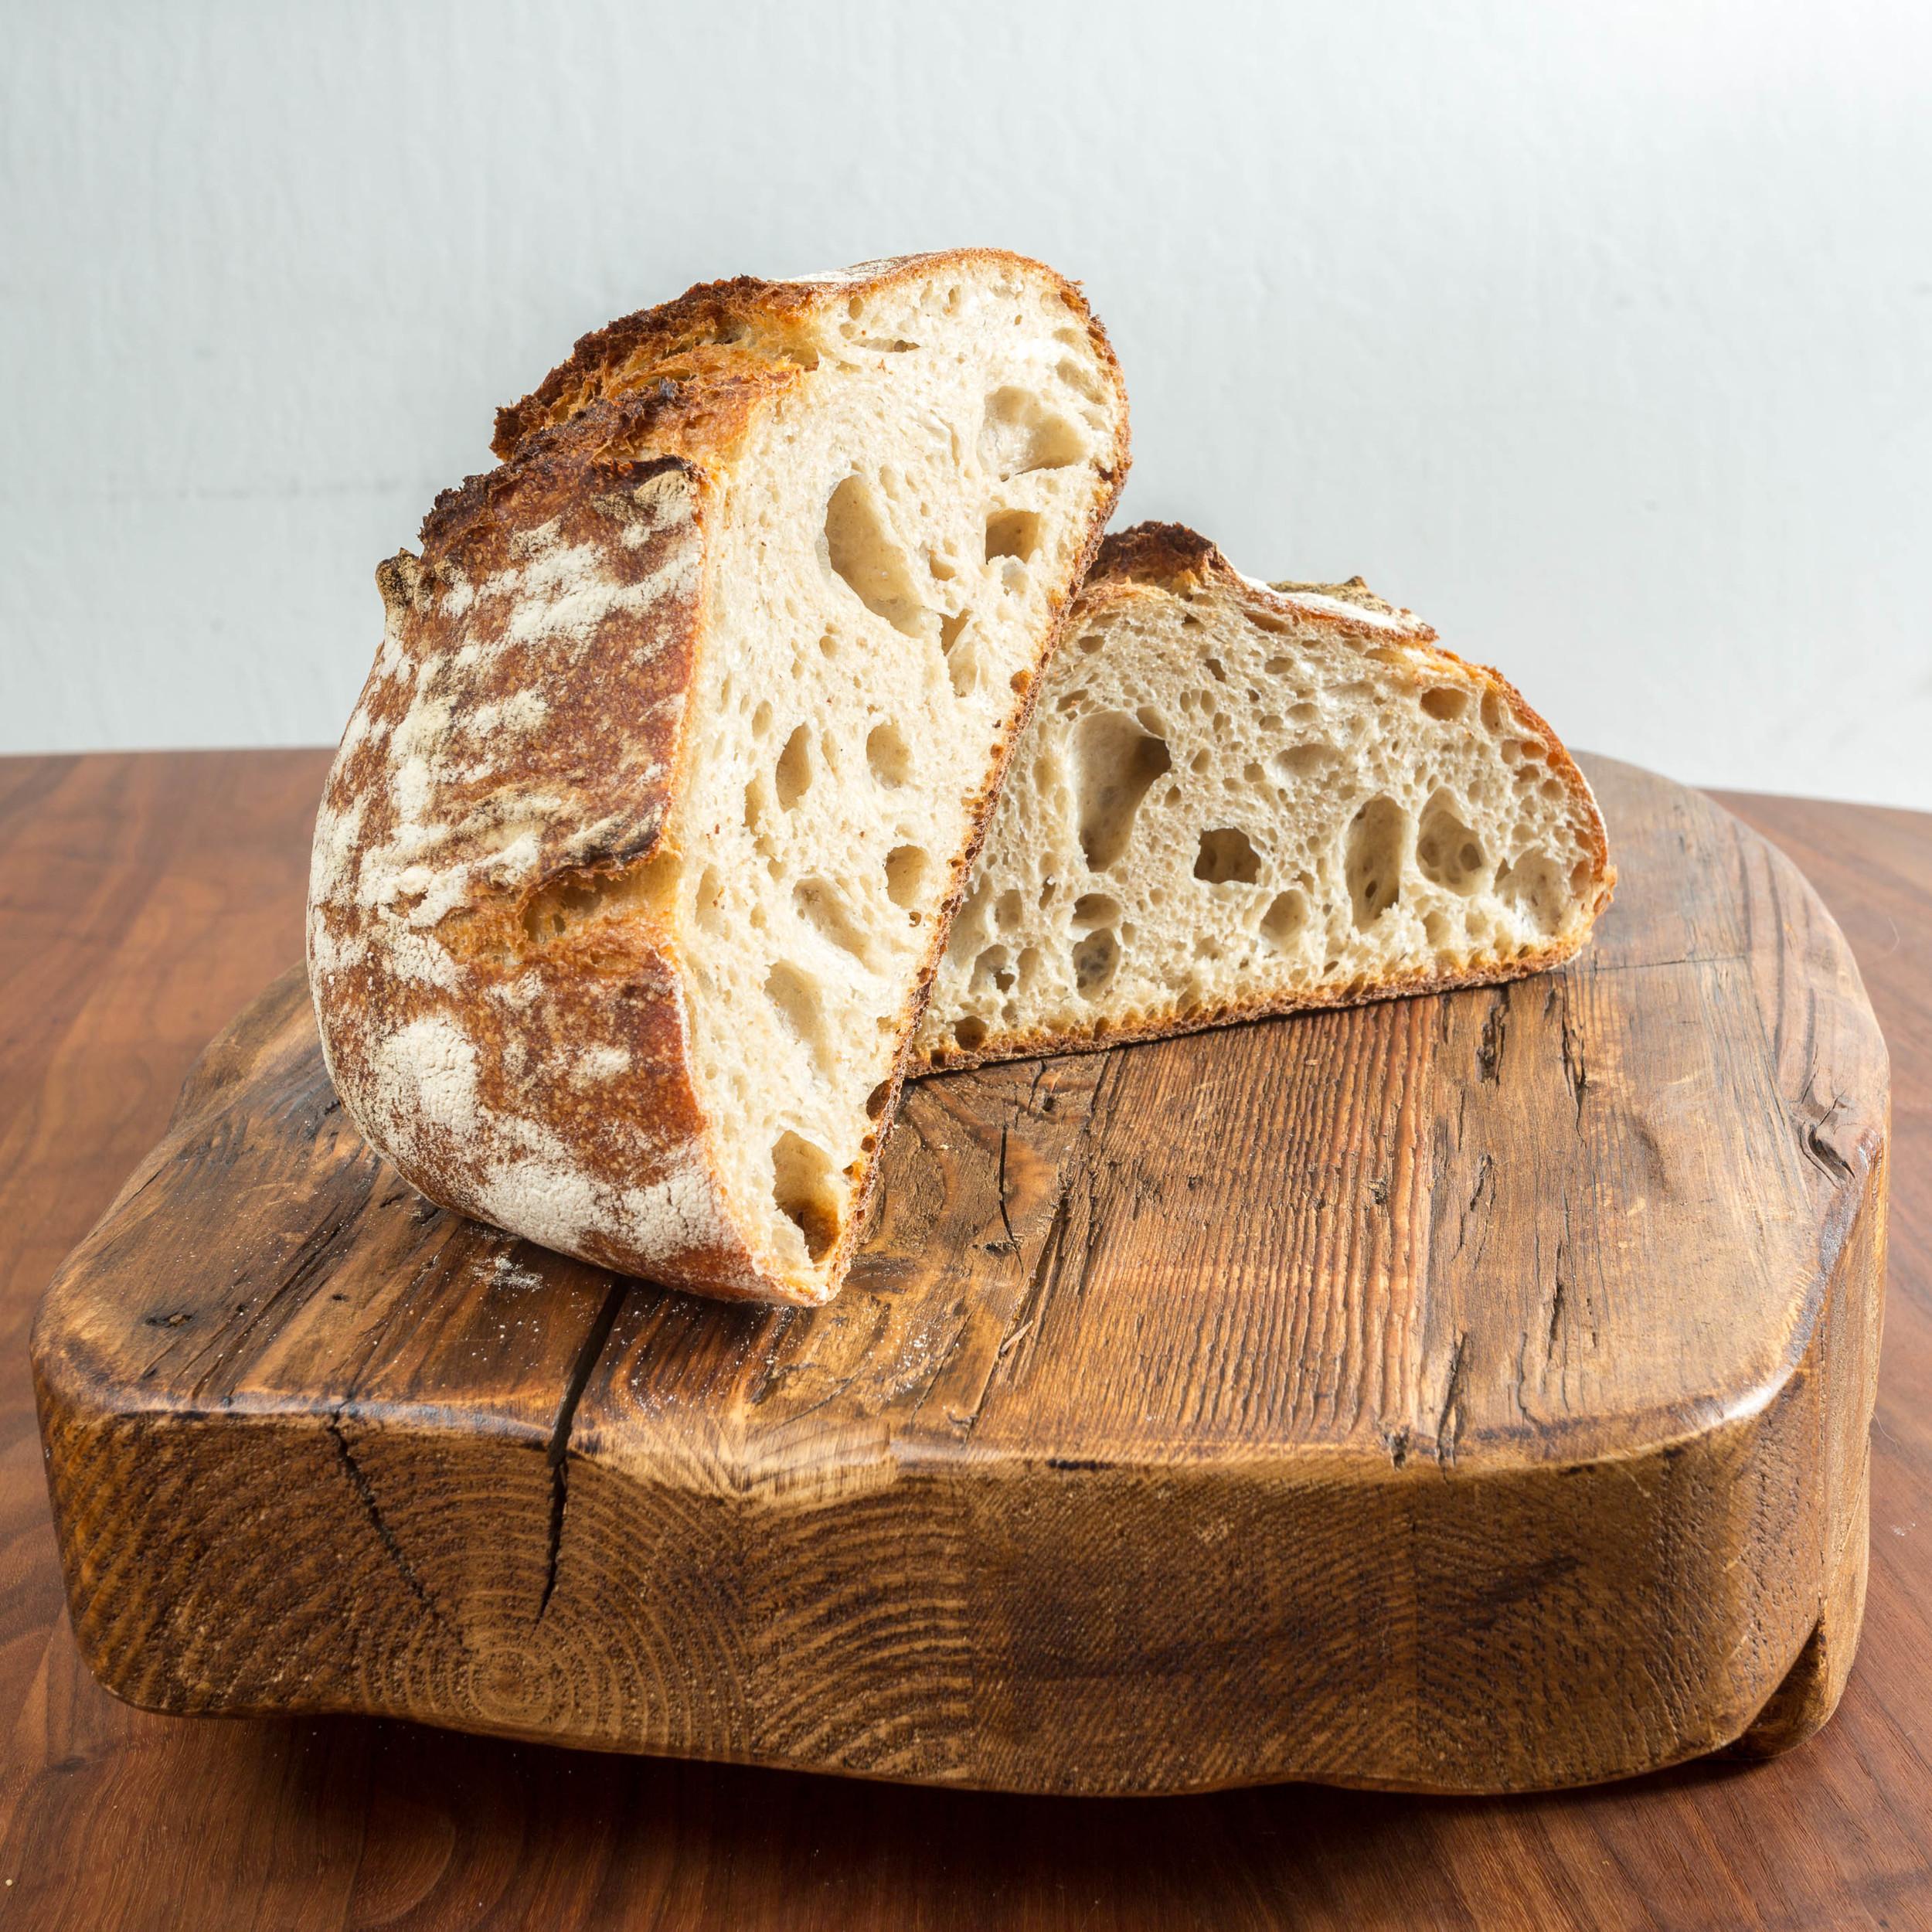 Overnight Levain Bread